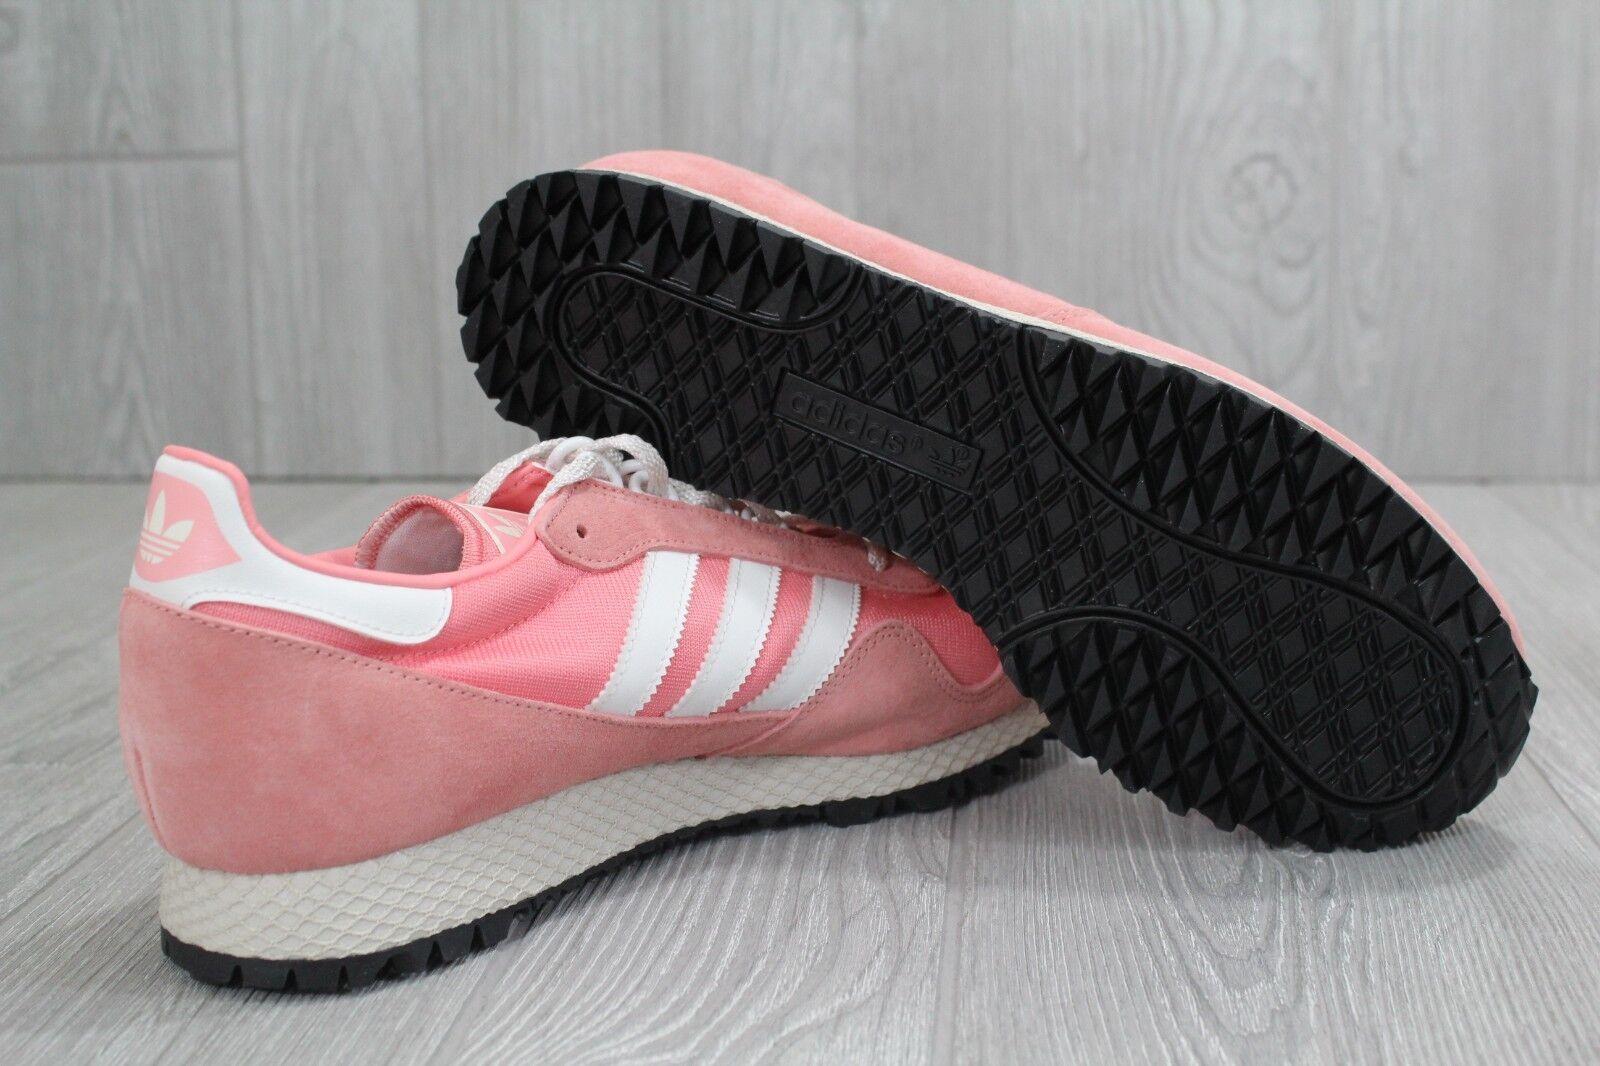 30 nouveaux   adidas originaux des chaussures de new saumon york 9.5-11.5 by9341 blanc saumon new tan 3a04e3